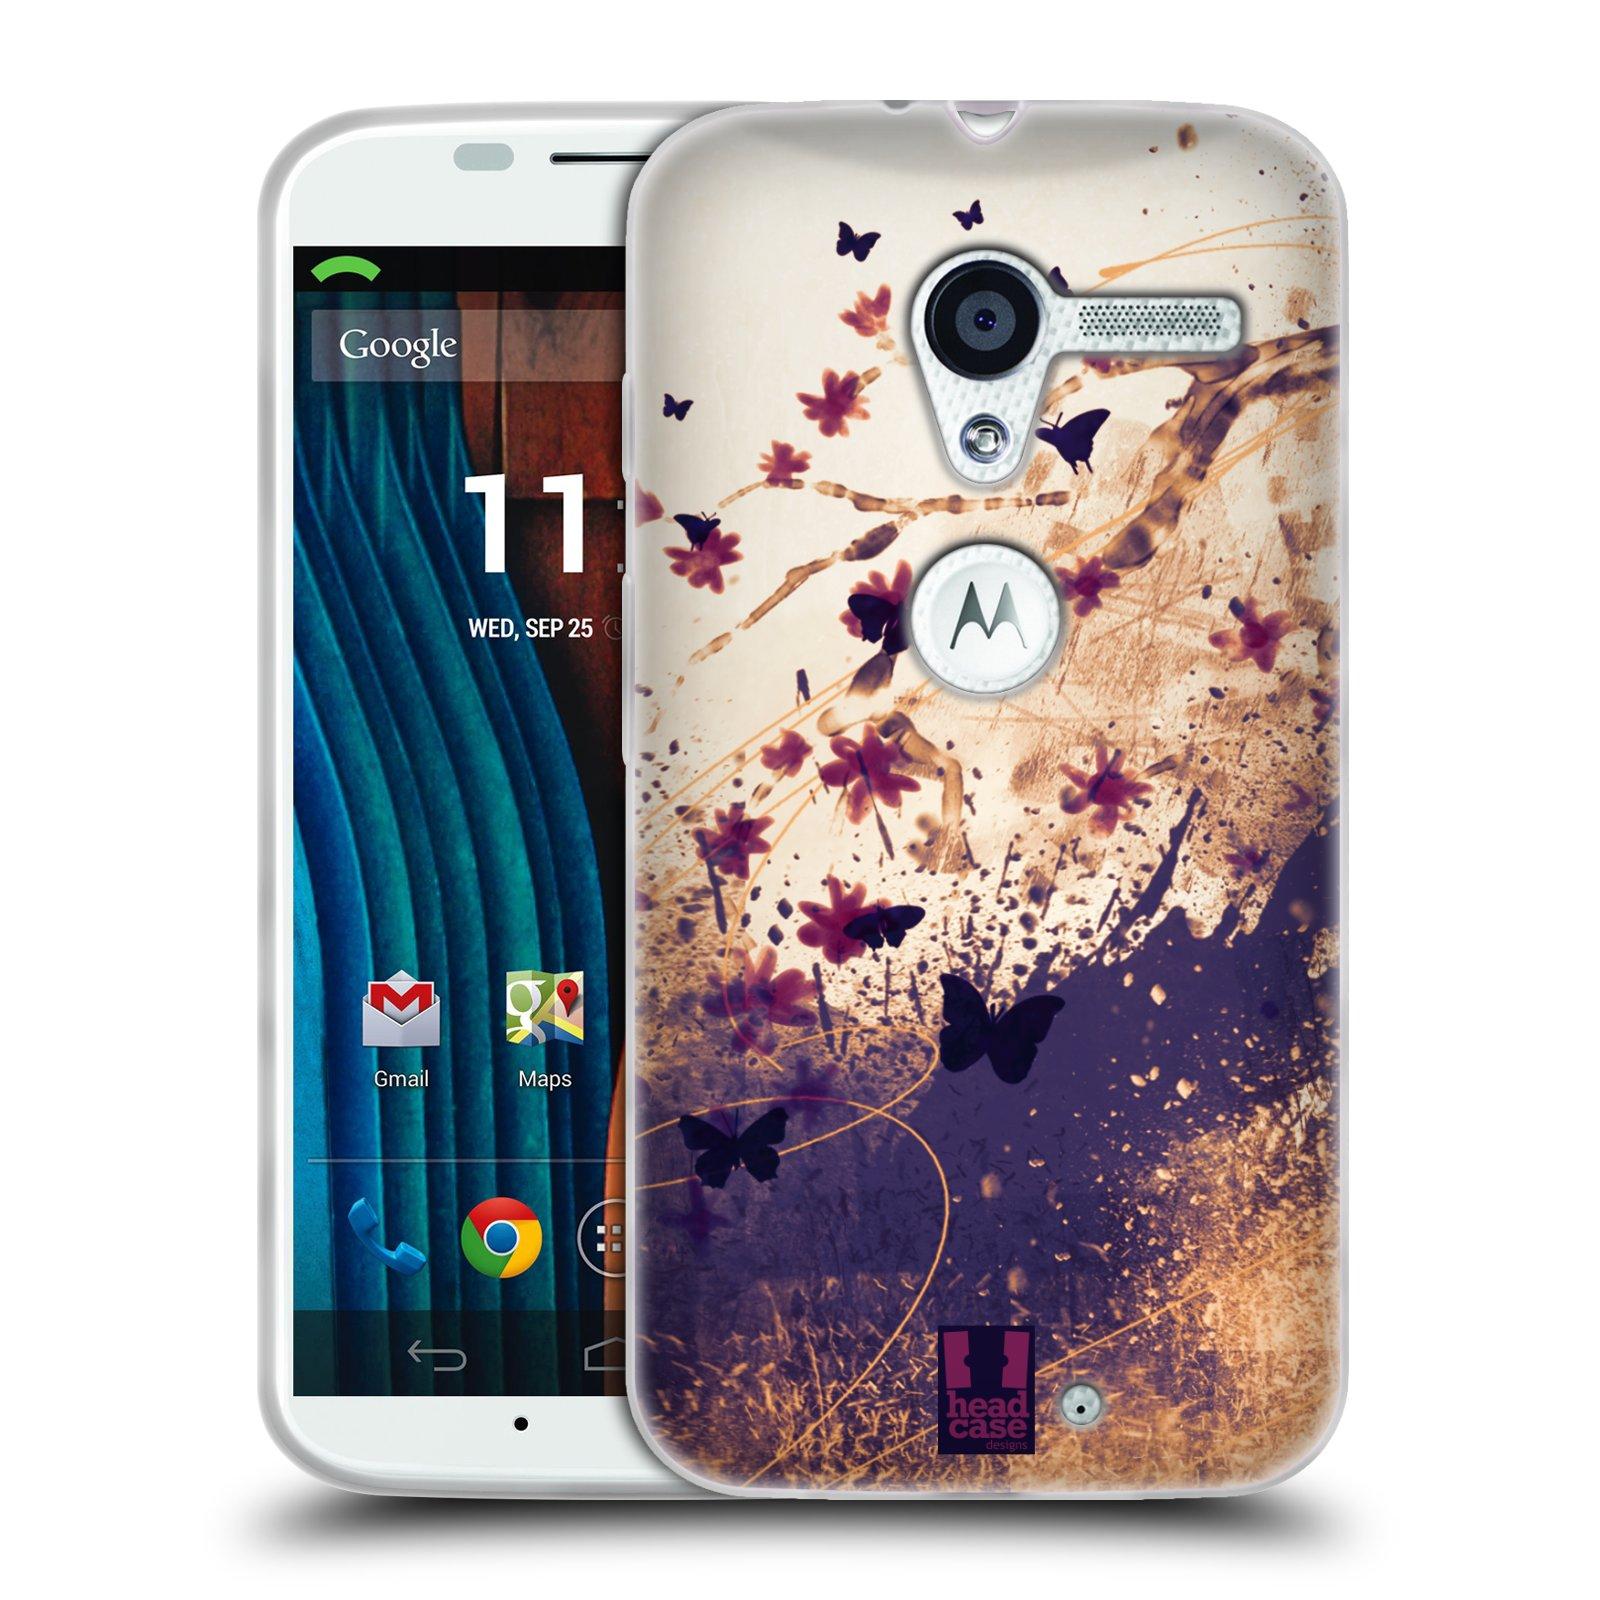 Silikonové pouzdro na mobil Motorola Moto X HEAD CASE MOTÝLCI (Silikonový kryt či obal na mobilní telefon Motorola Moto X)